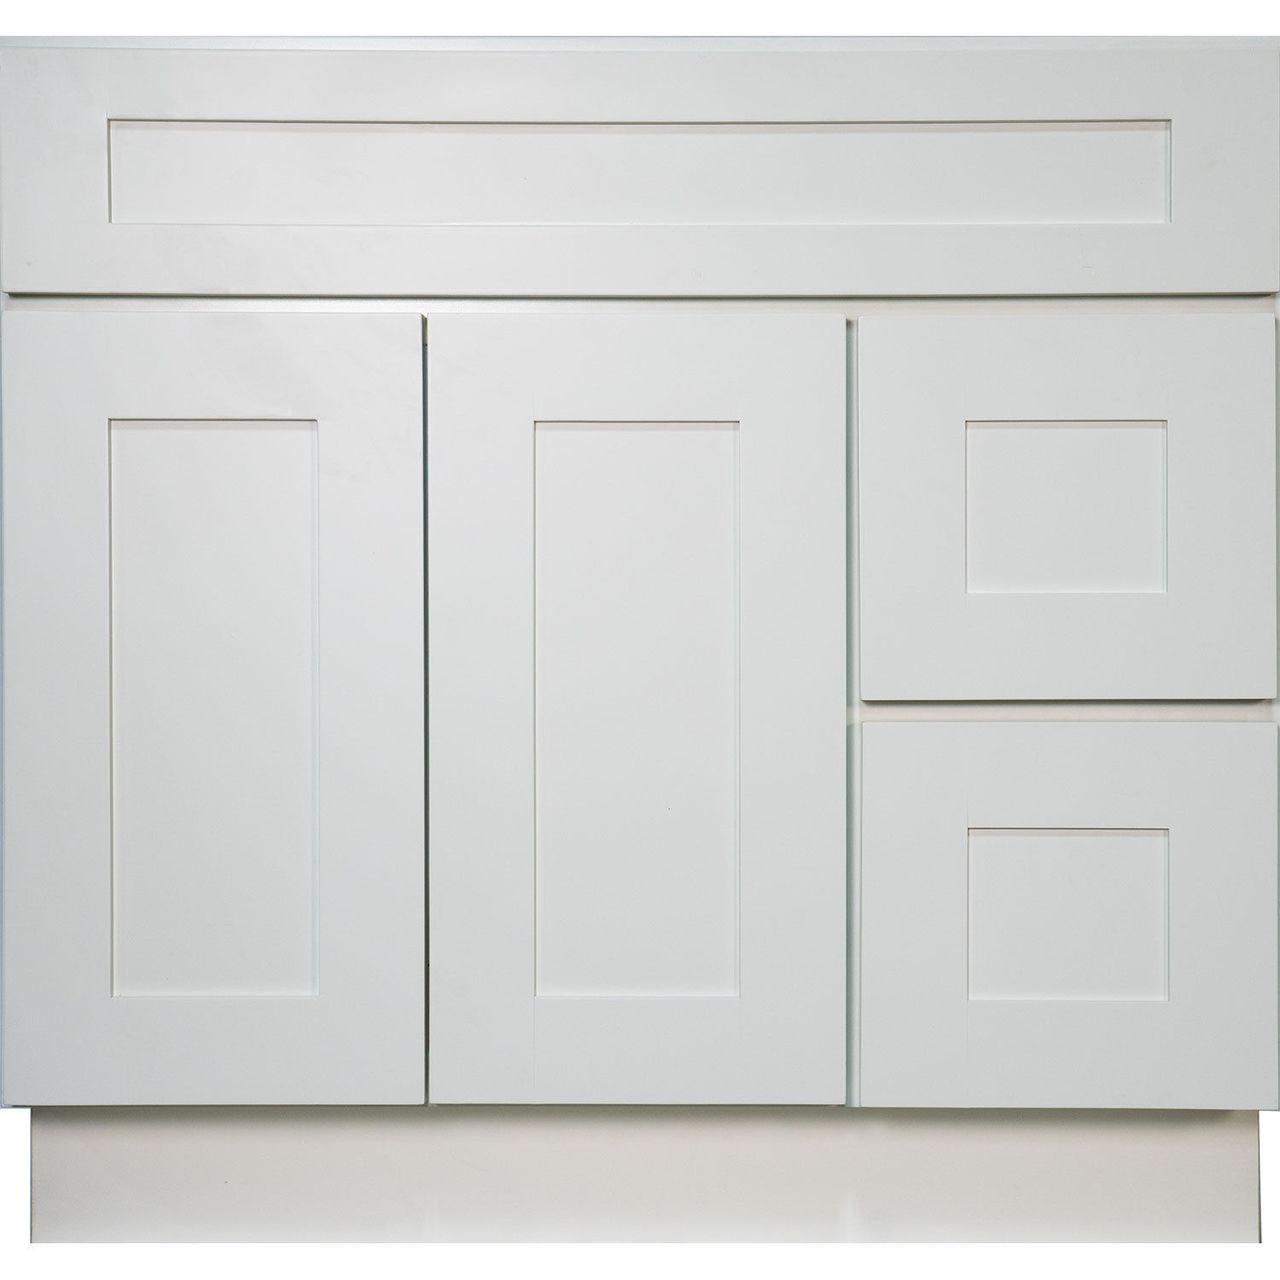 active home centre 30 shaker bathroom cabinet with quartz counter rh activehomecentre com shaker bathroom cabinet doors shaker bathroom cabinets grey